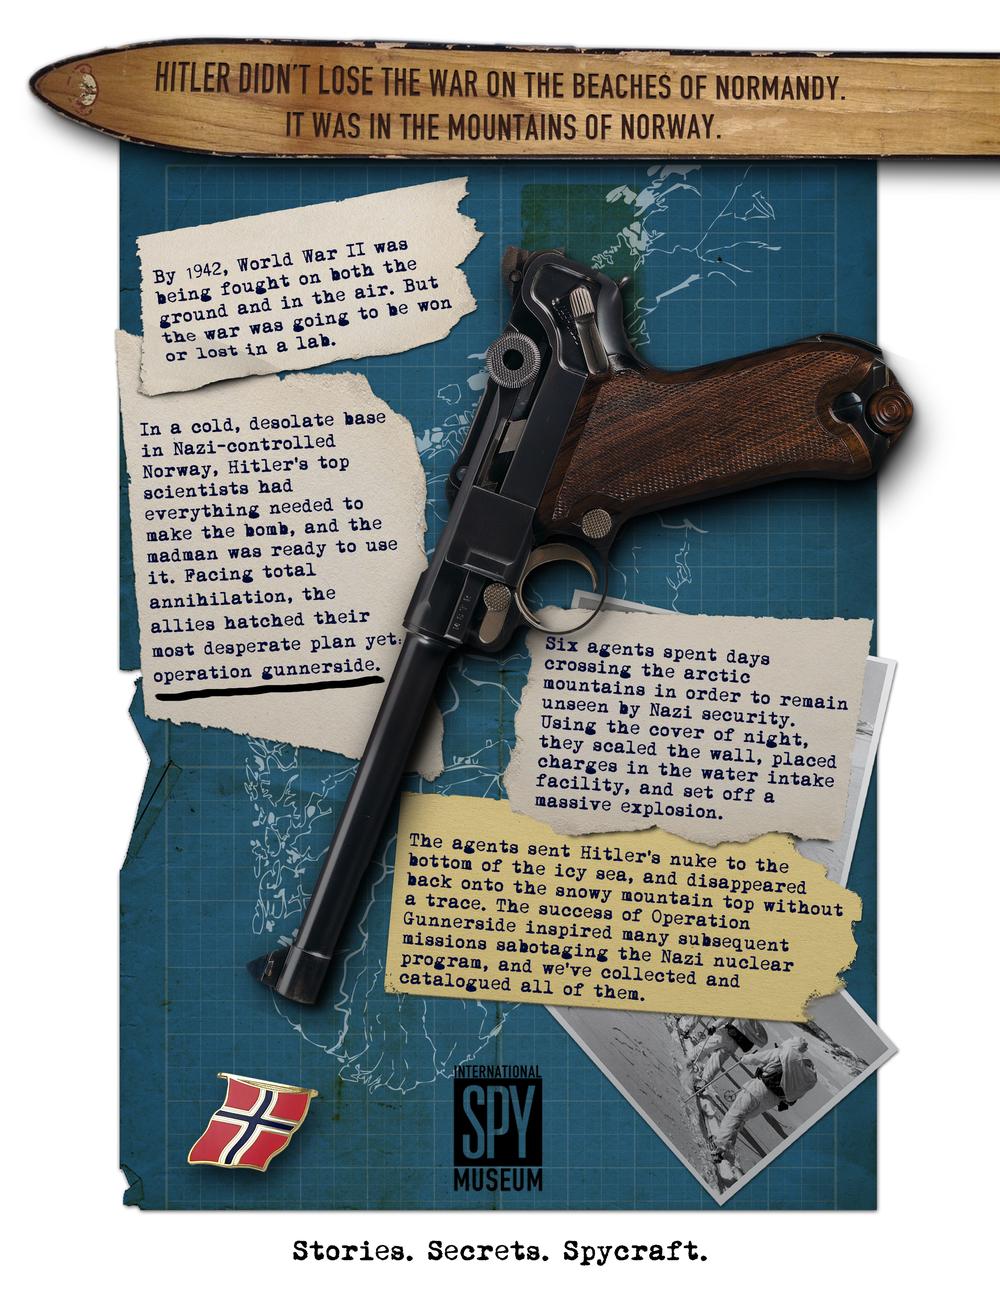 SpyMuseumprint1_v4.5.png